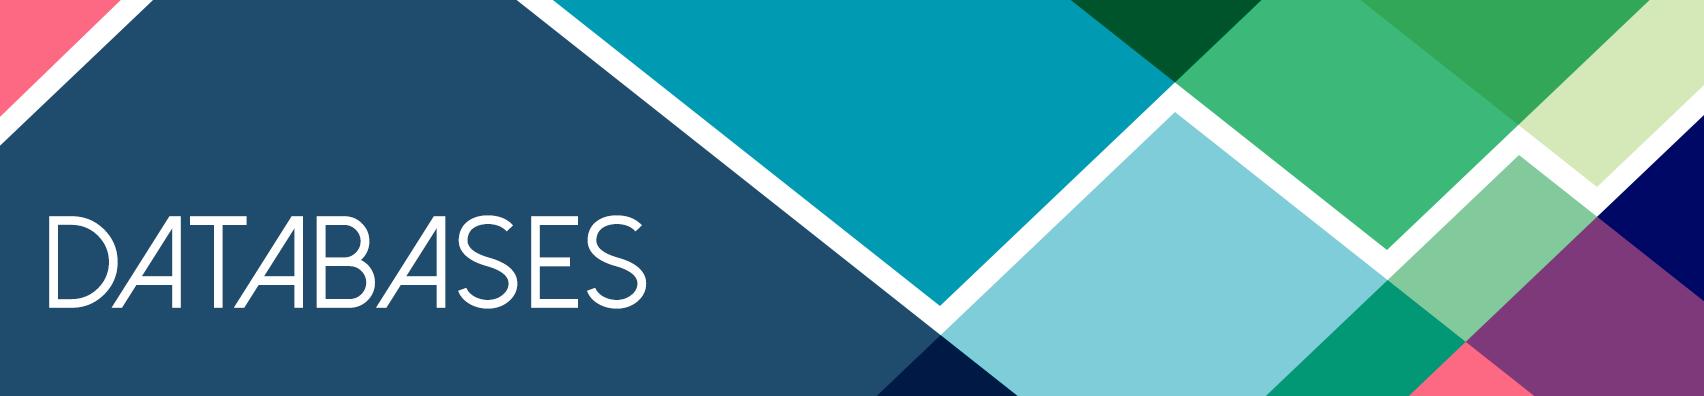 databases banner